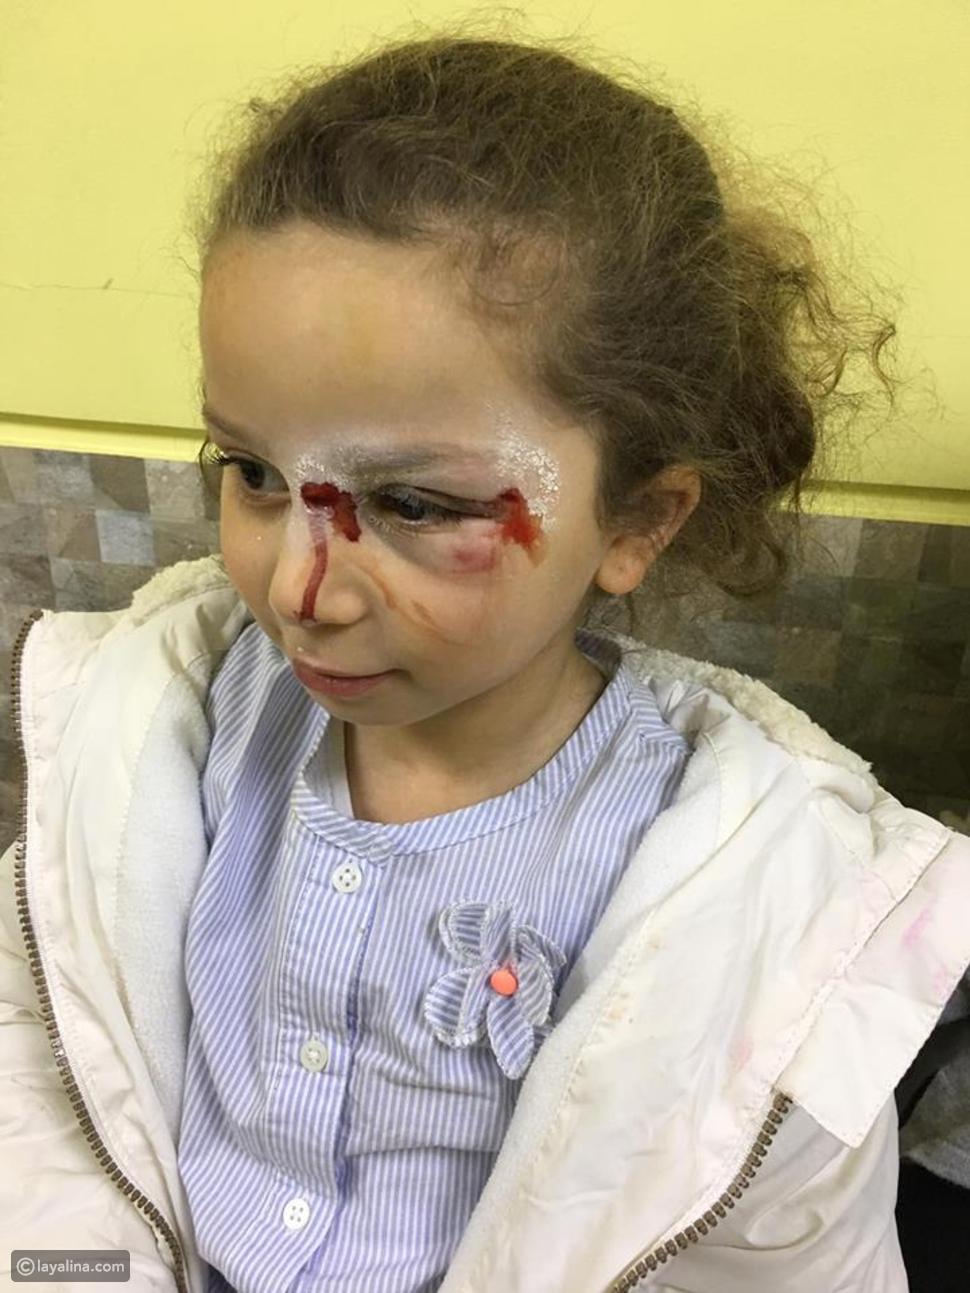 لارا حفيدة شريف مصابة بإصابات بالغة